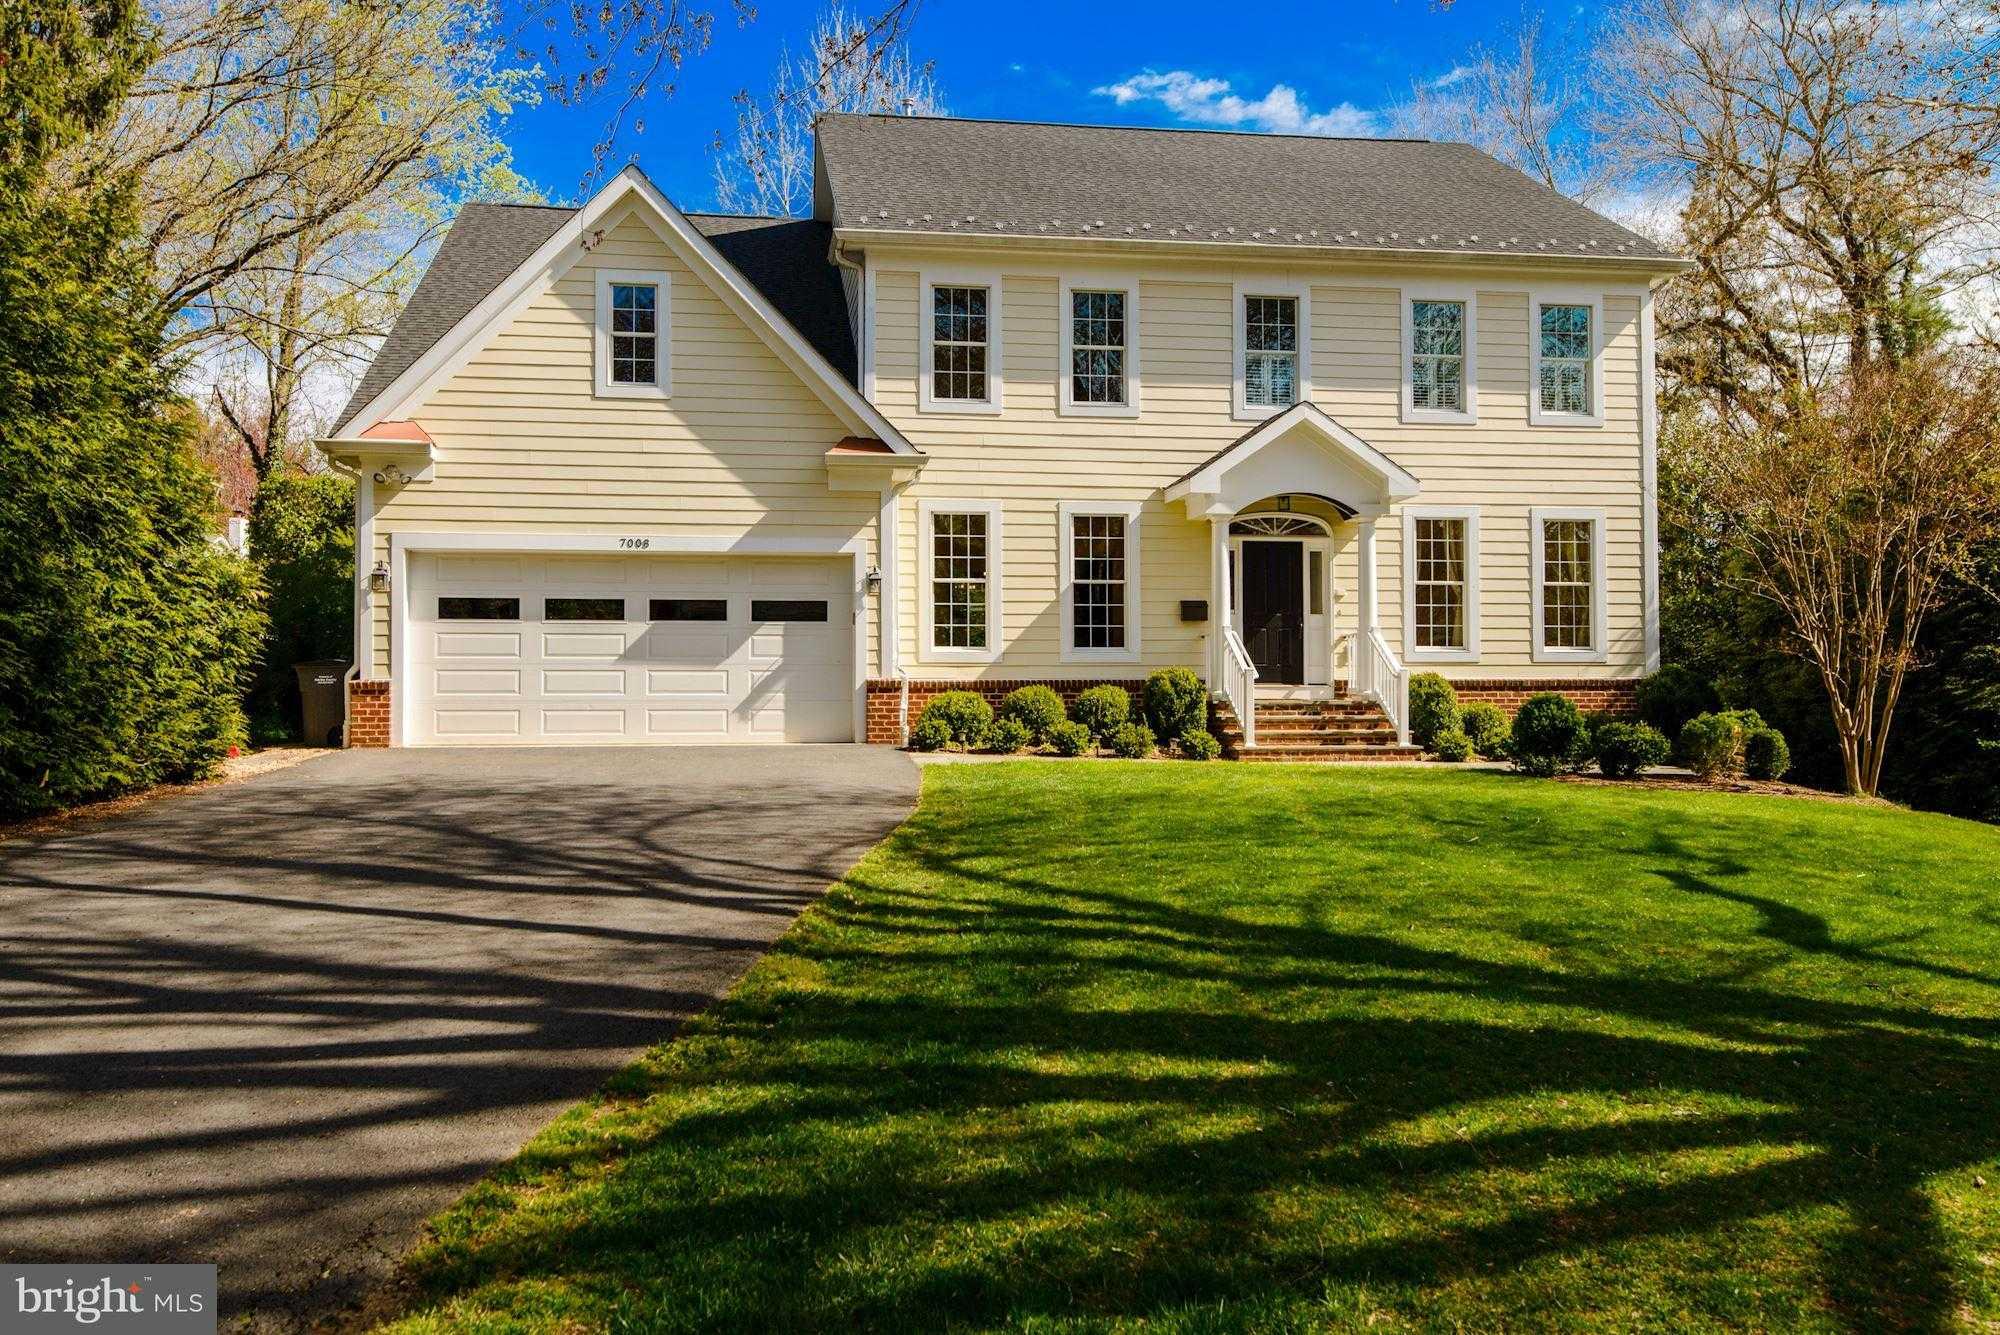 Homes for Sale in McLean - TANA KEEFFE — EARMAN FAMILY REALTORS ...